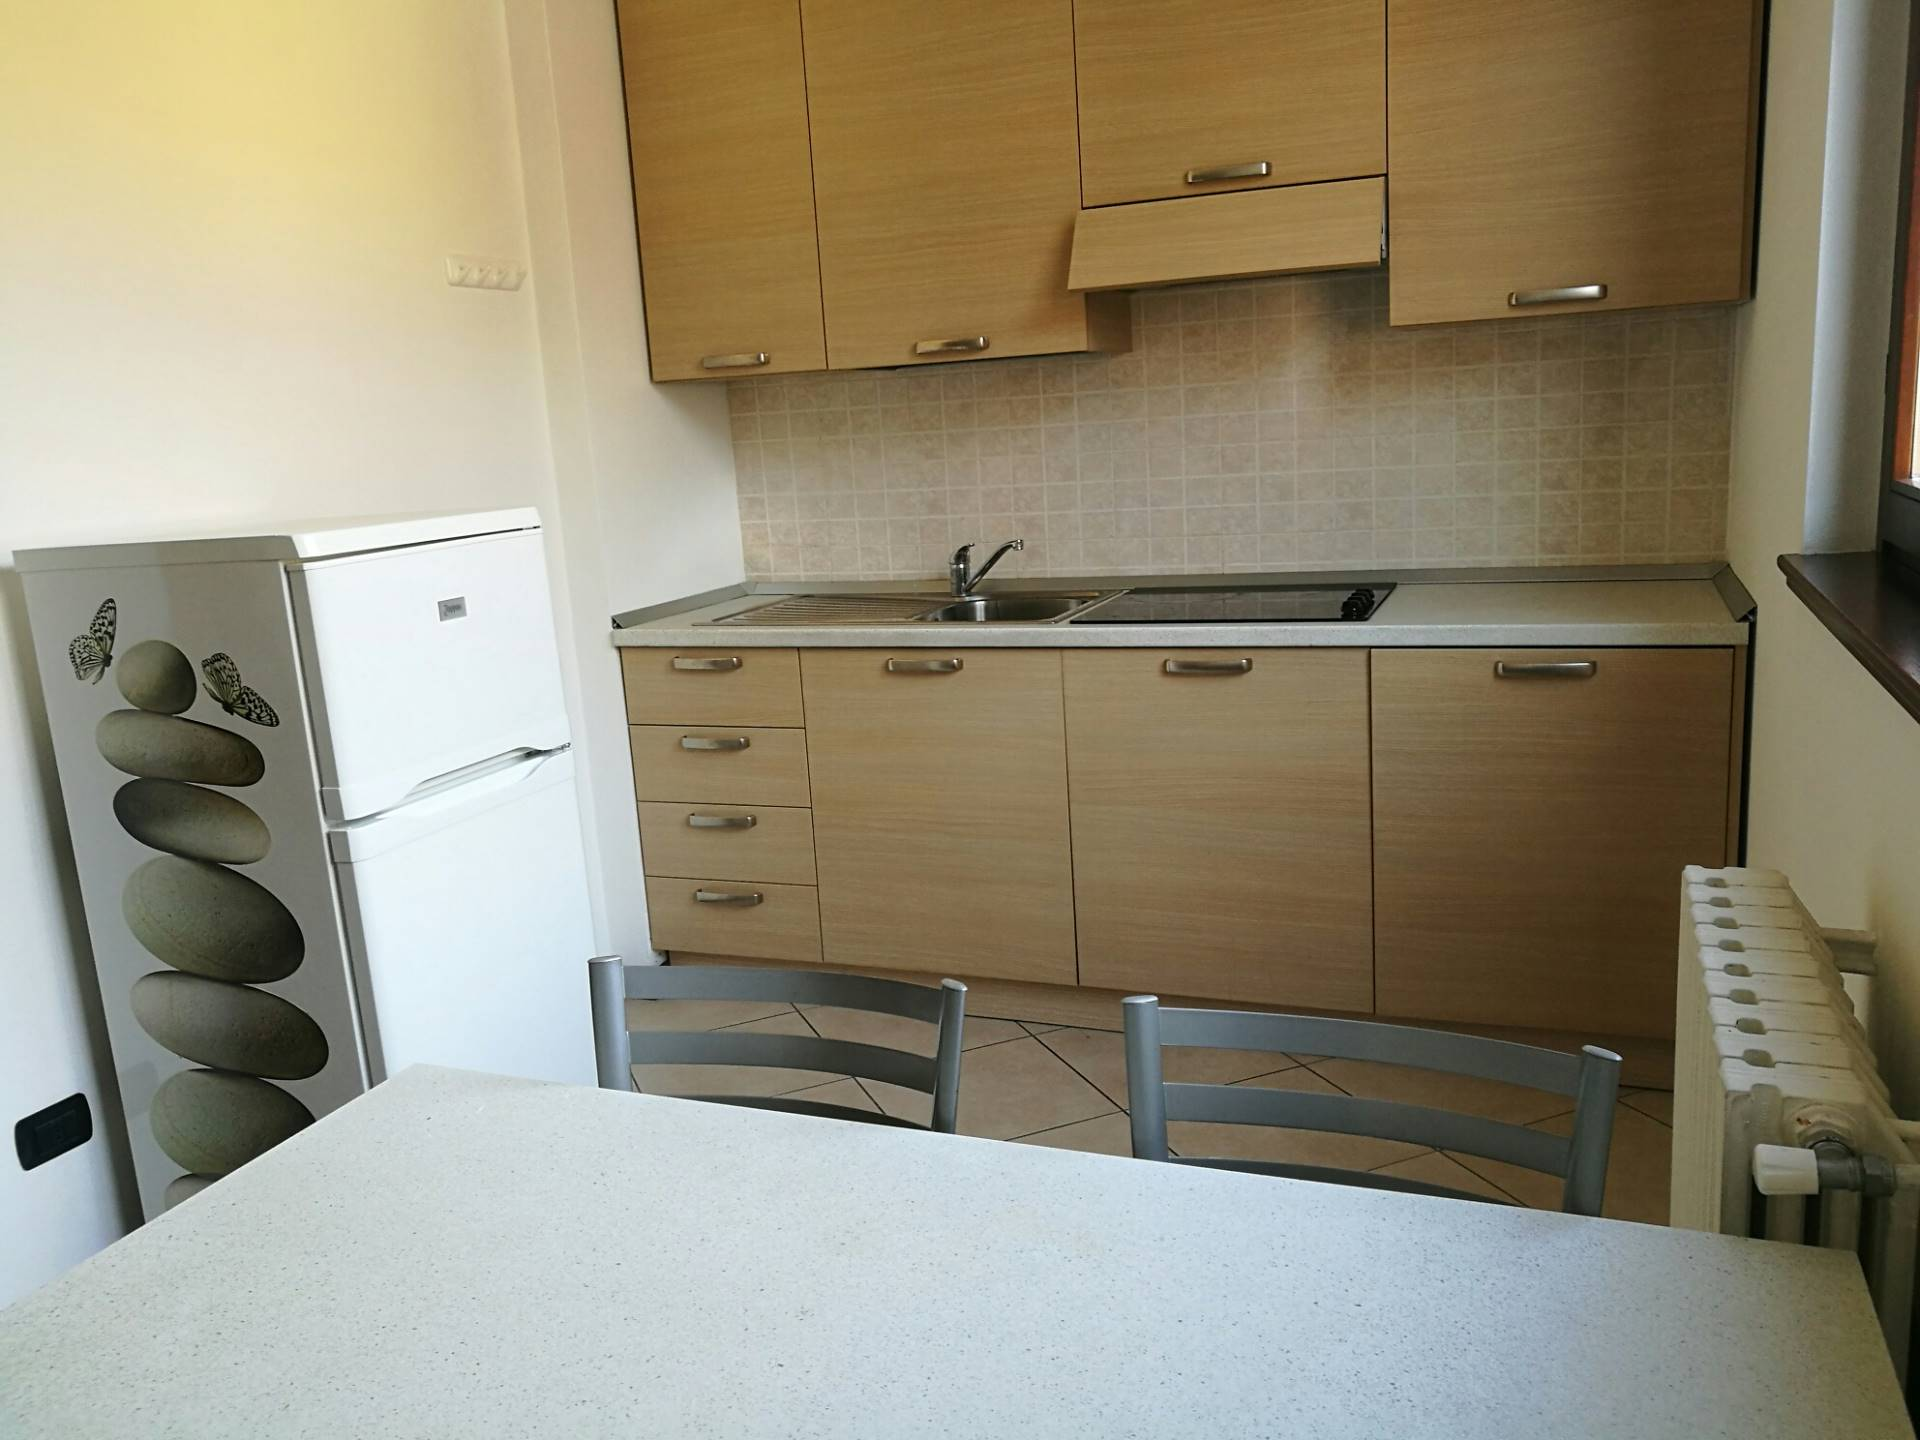 Appartamento in affitto a Rho, 3 locali, zona Località: Centro, prezzo € 900 | Cambio Casa.it